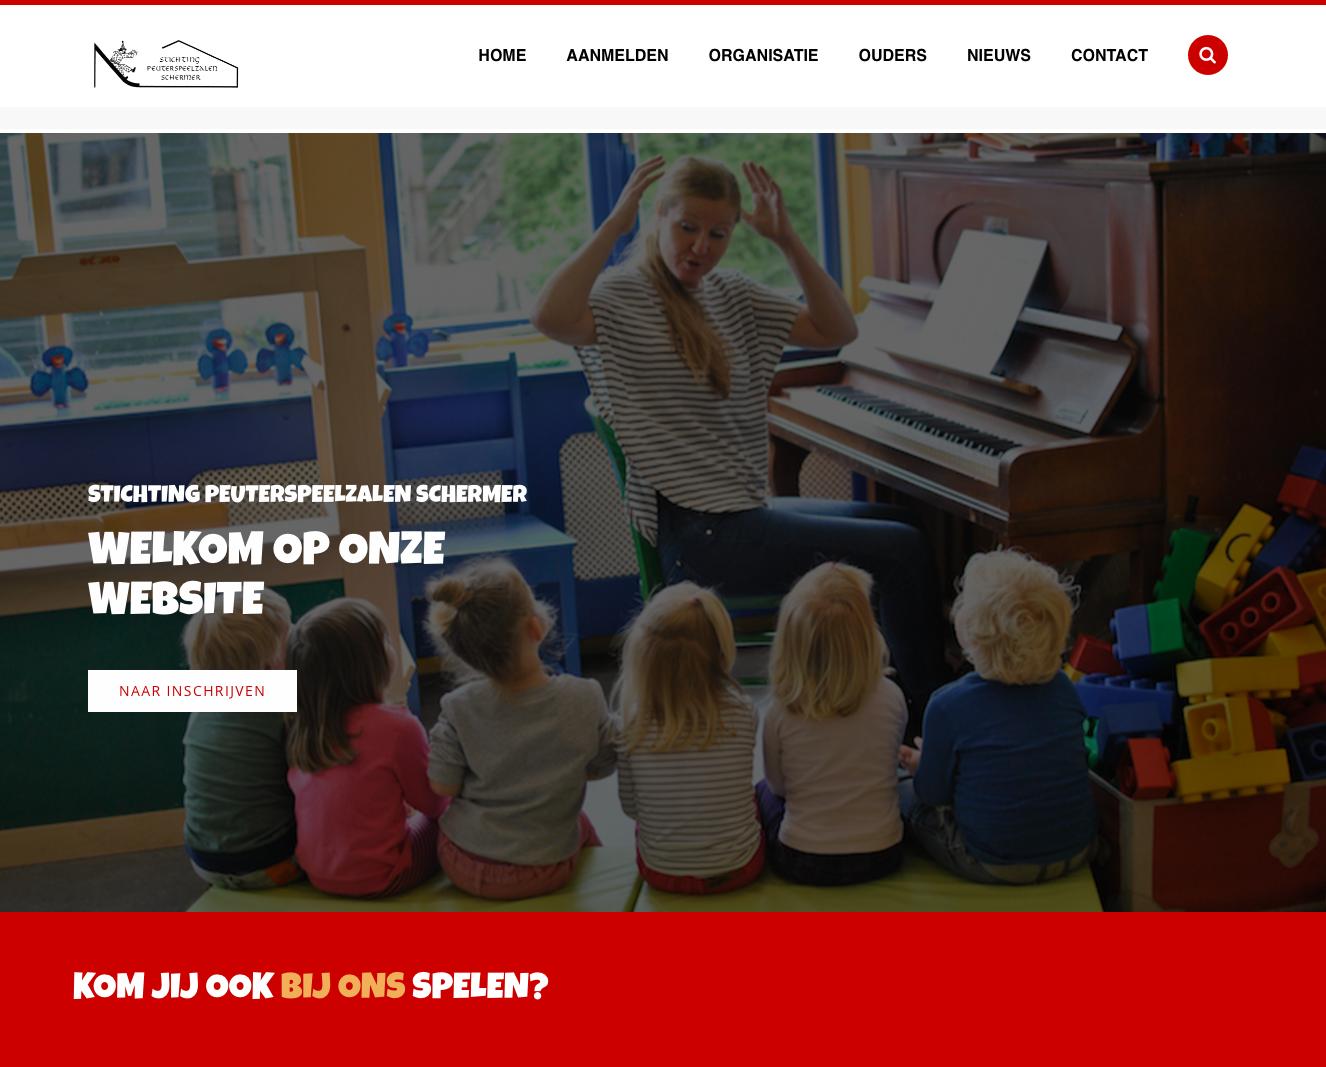 Website peuterspeelzaal